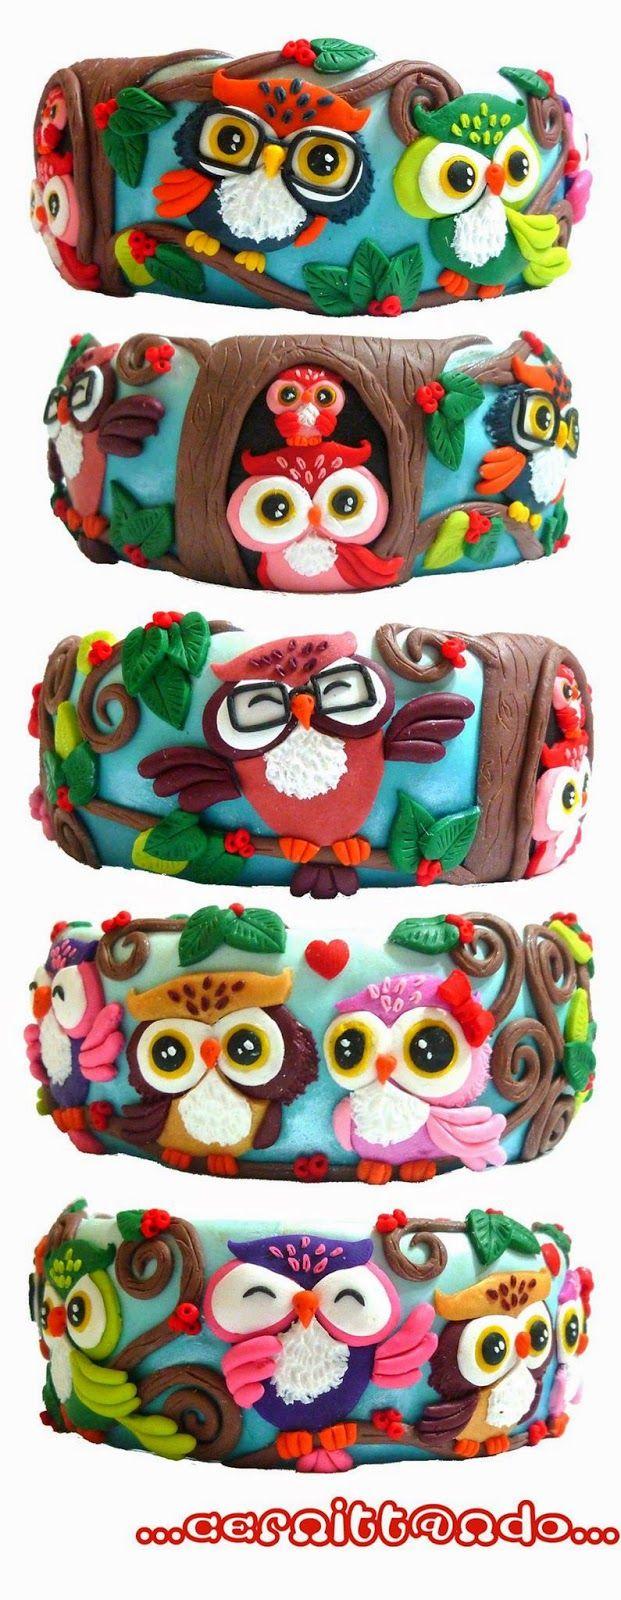 bracelets | ... Cernitt @ ndo ...